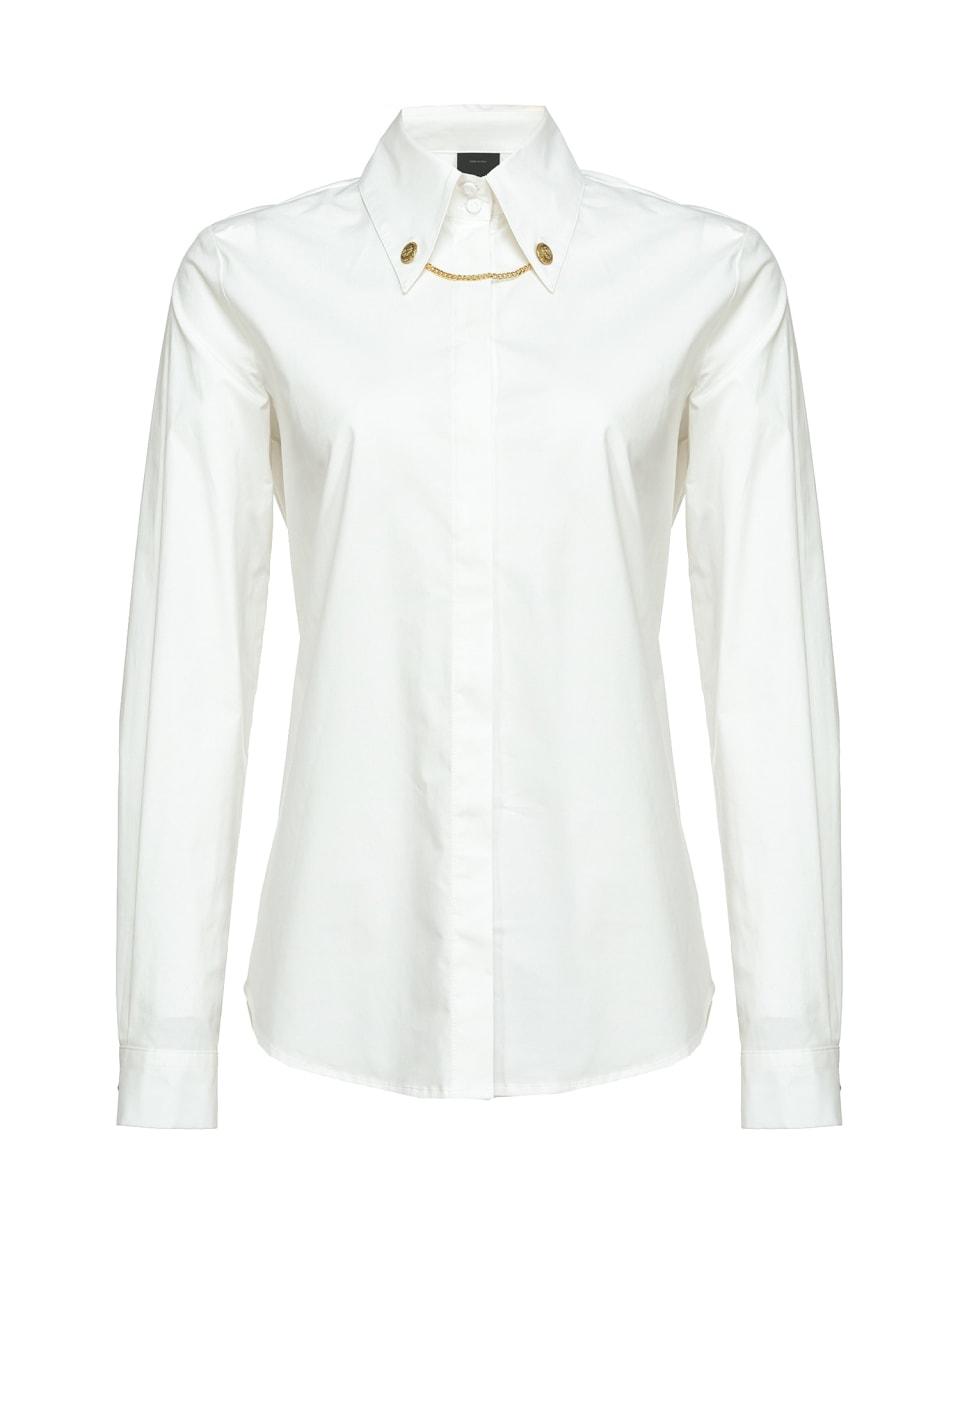 カフスボタン付き襟 シャツ